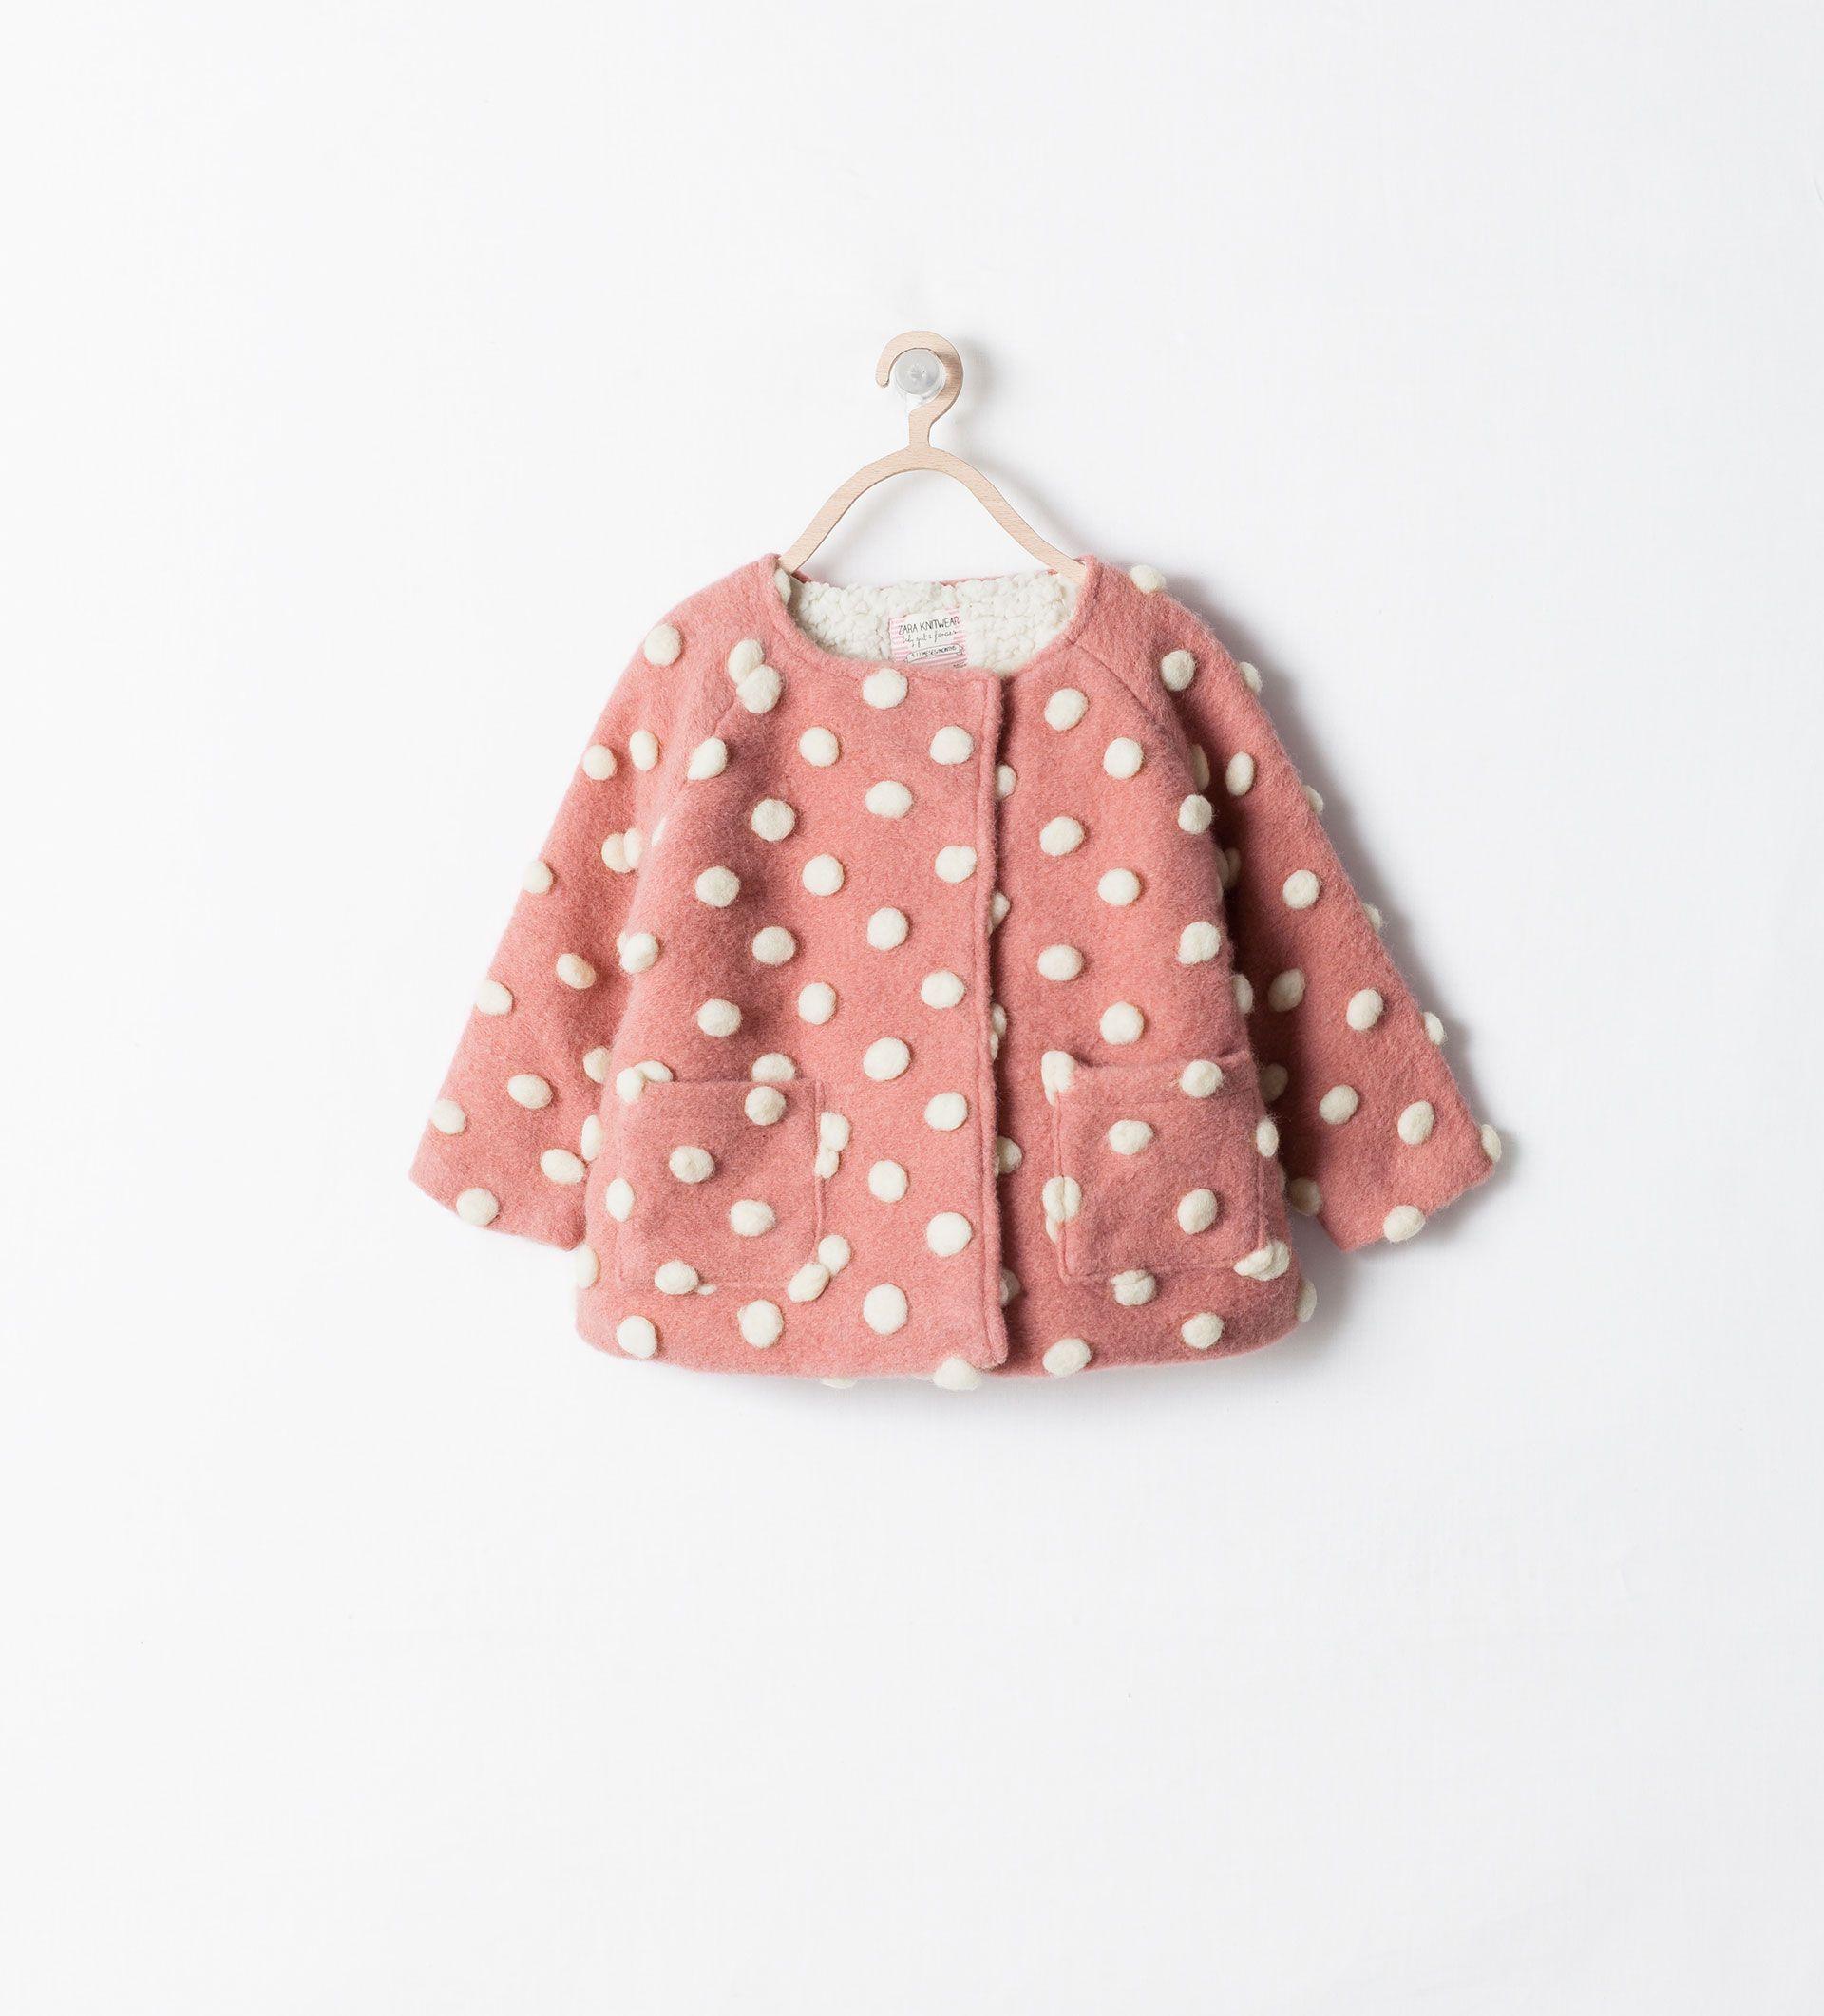 ZARA - KIDS - BUBBLES MIXED FABRIC COAT   Baby coat, Baby ...